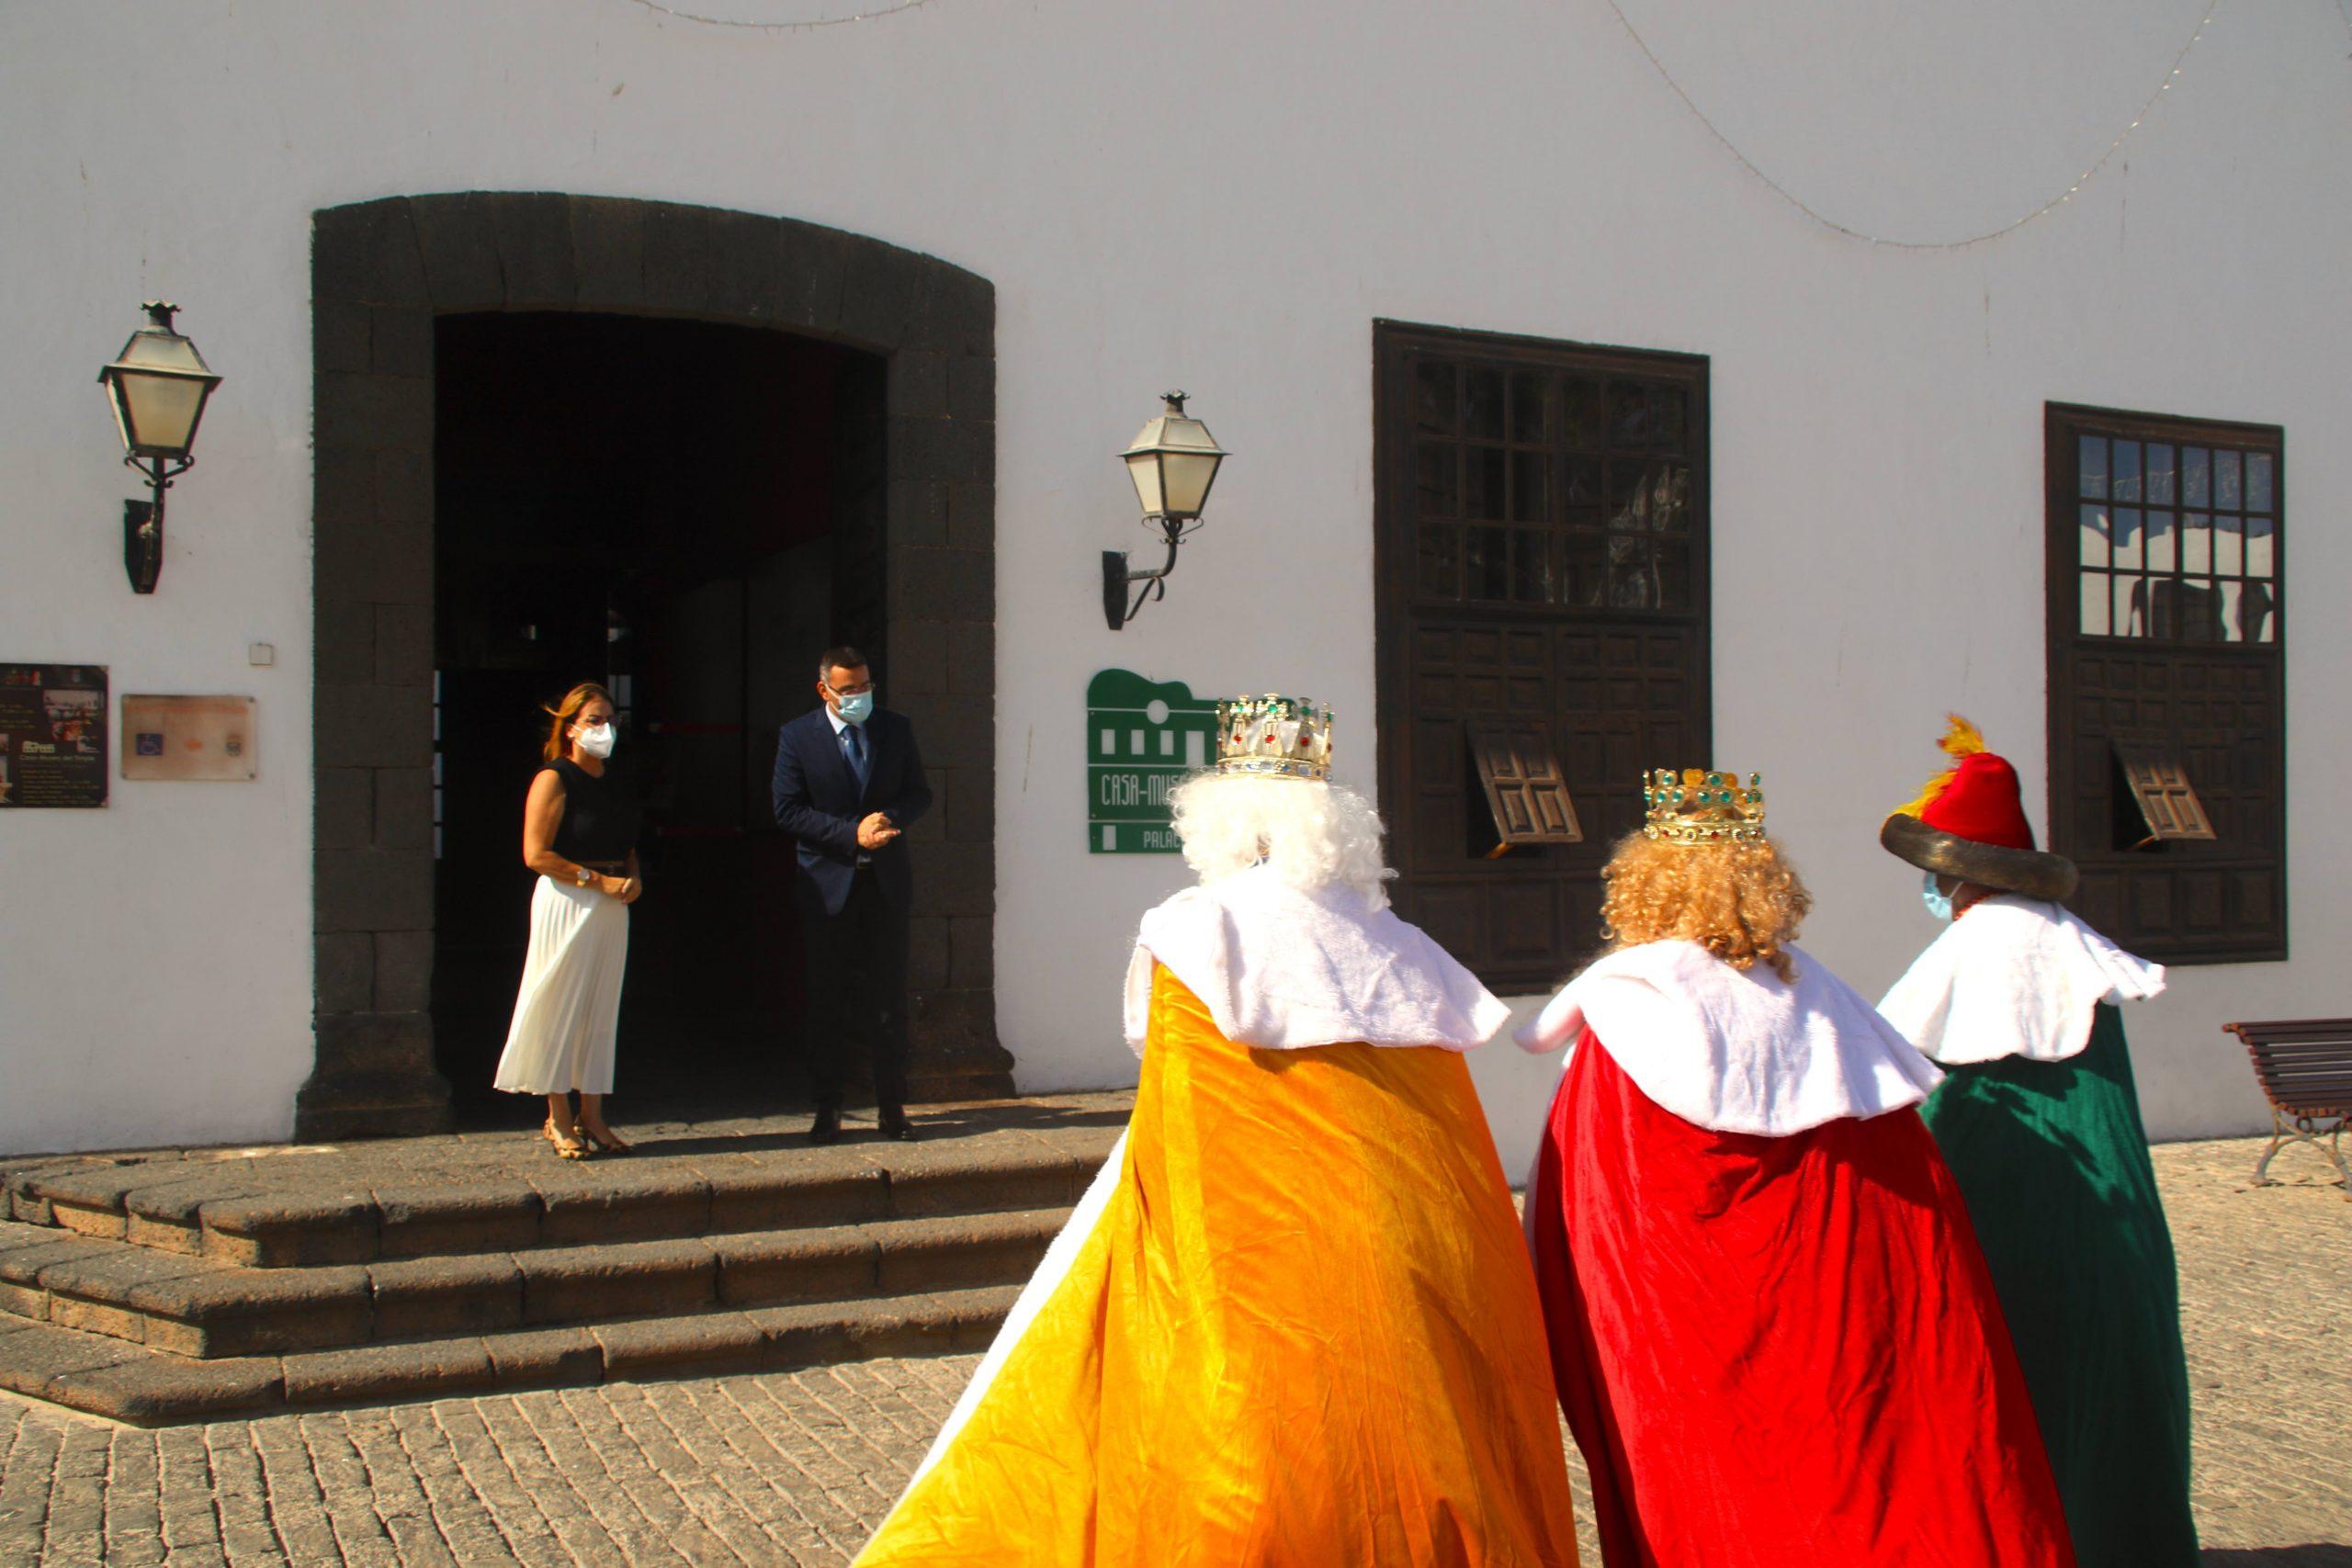 Teguise celebra el Día de la Infancia entregando las llaves del municipio a los Reyes Magos